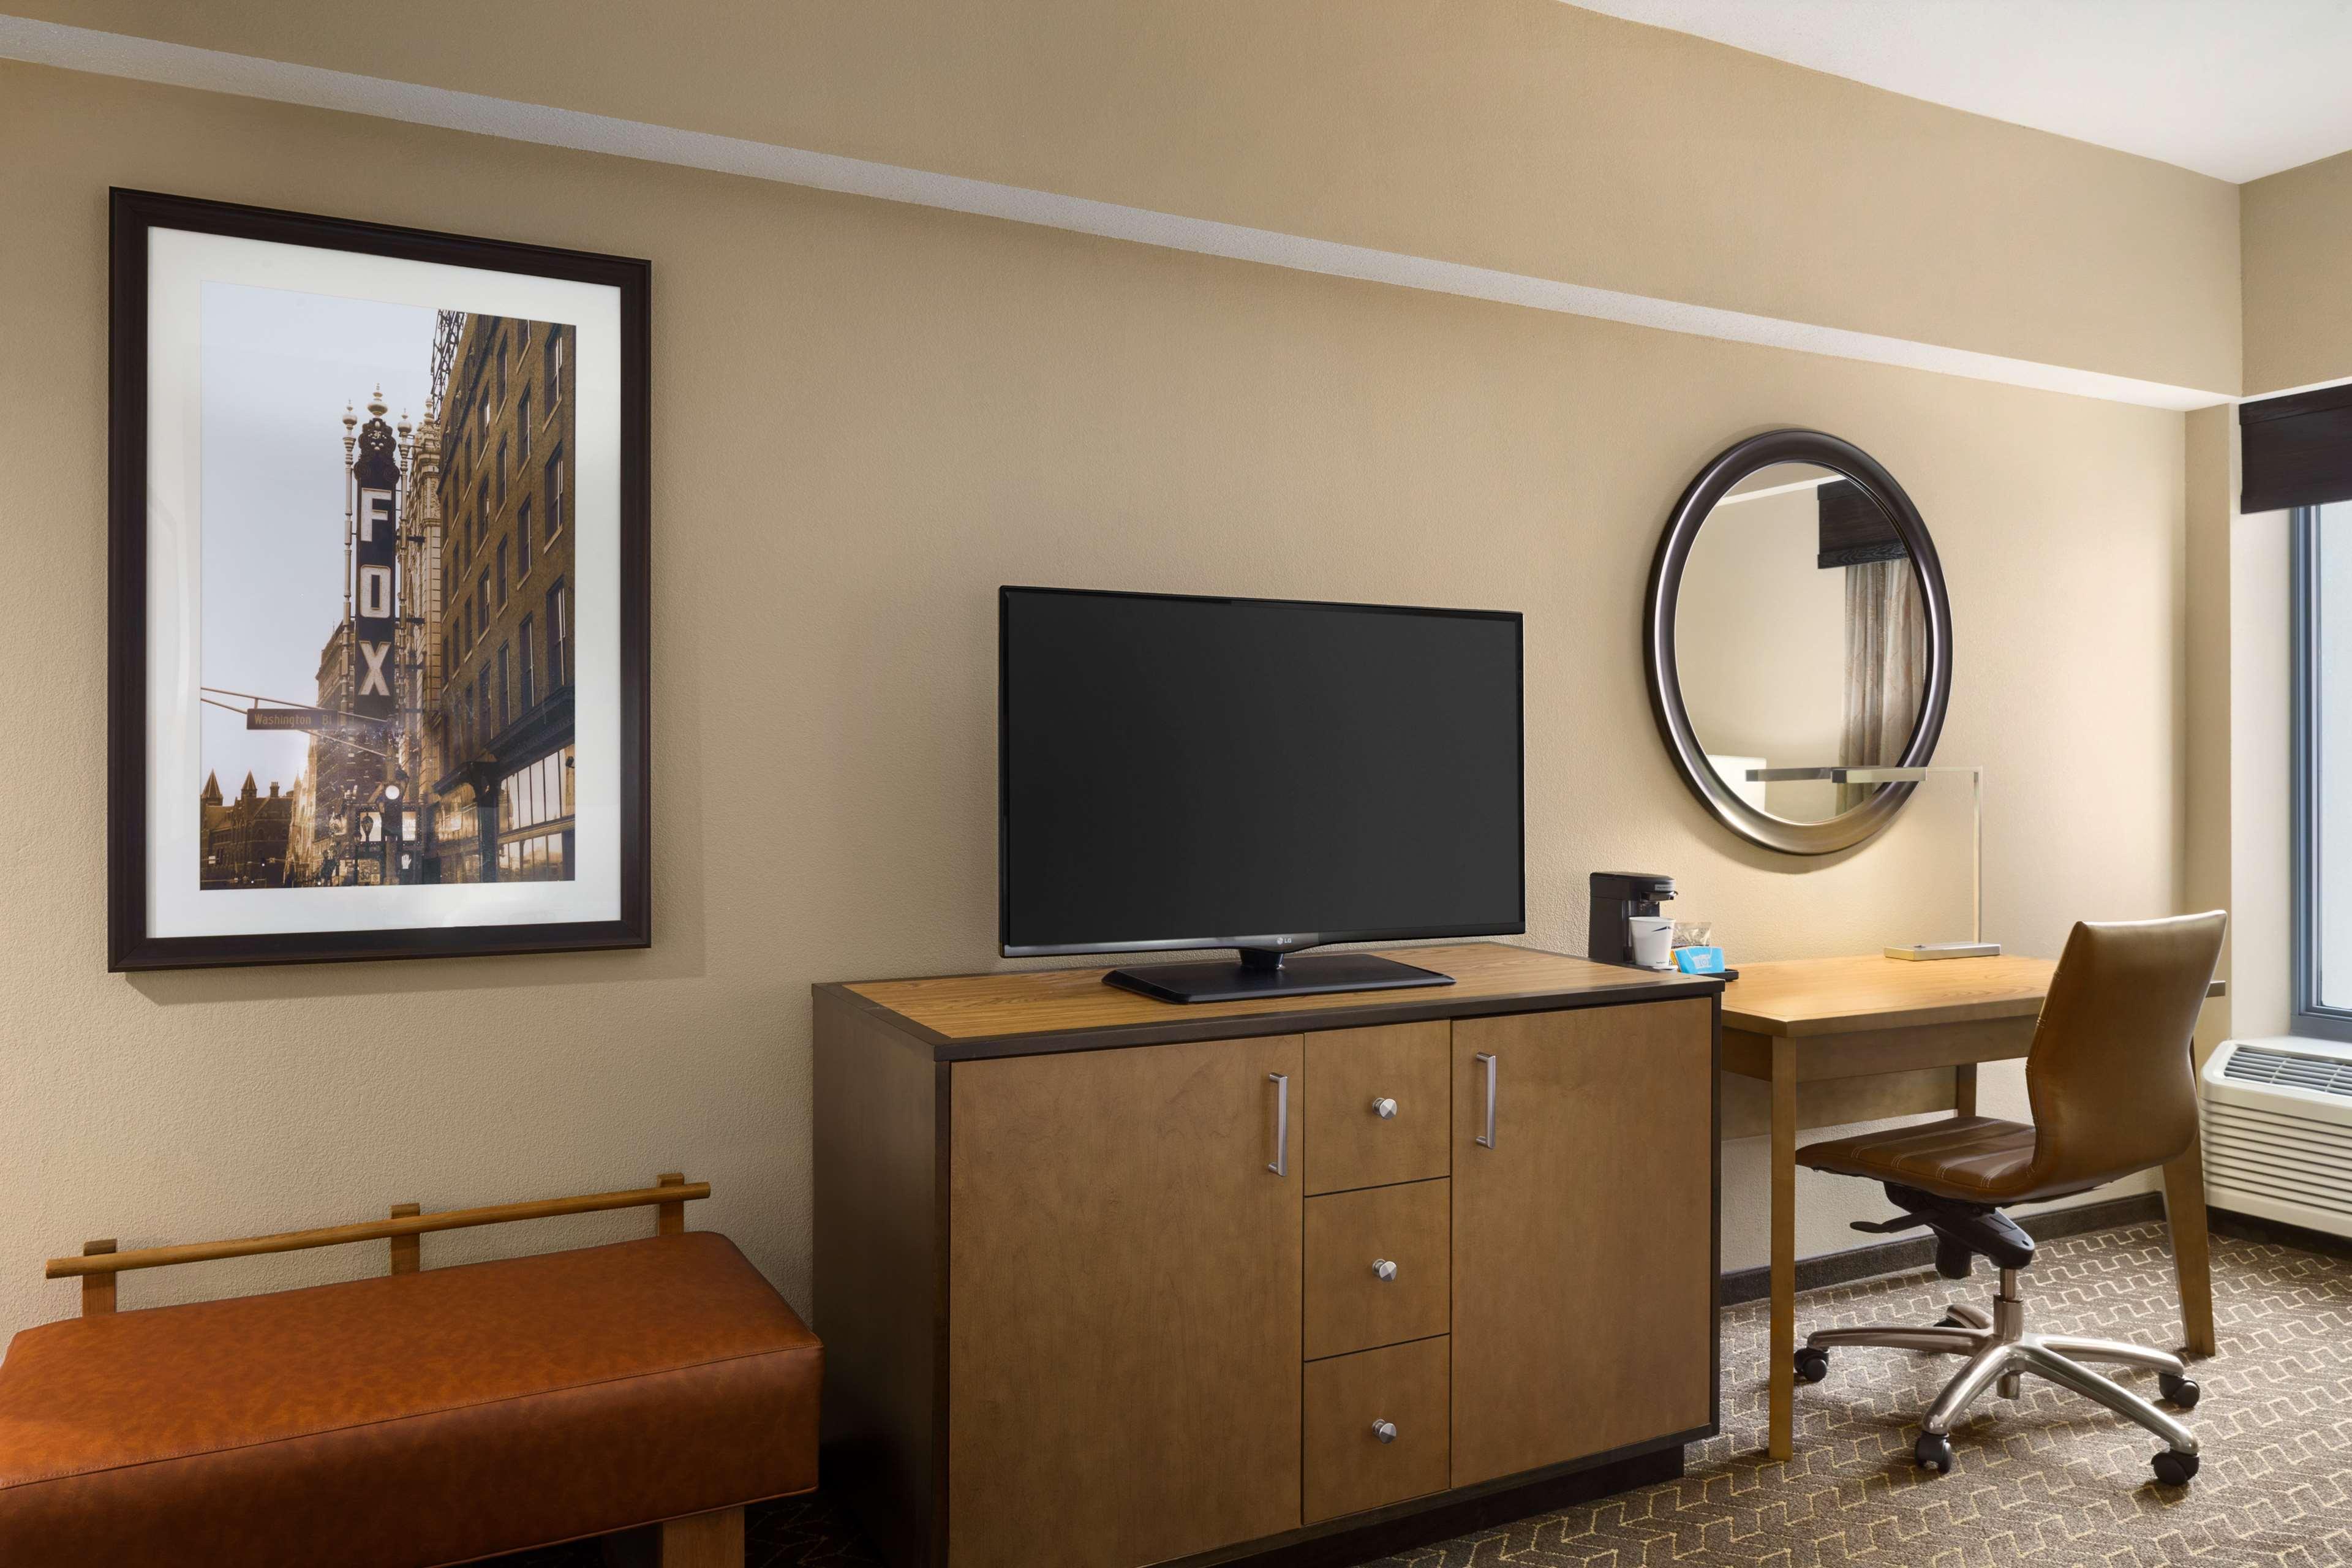 Hampton Inn and Suites Clayton/St Louis-Galleria Area image 17